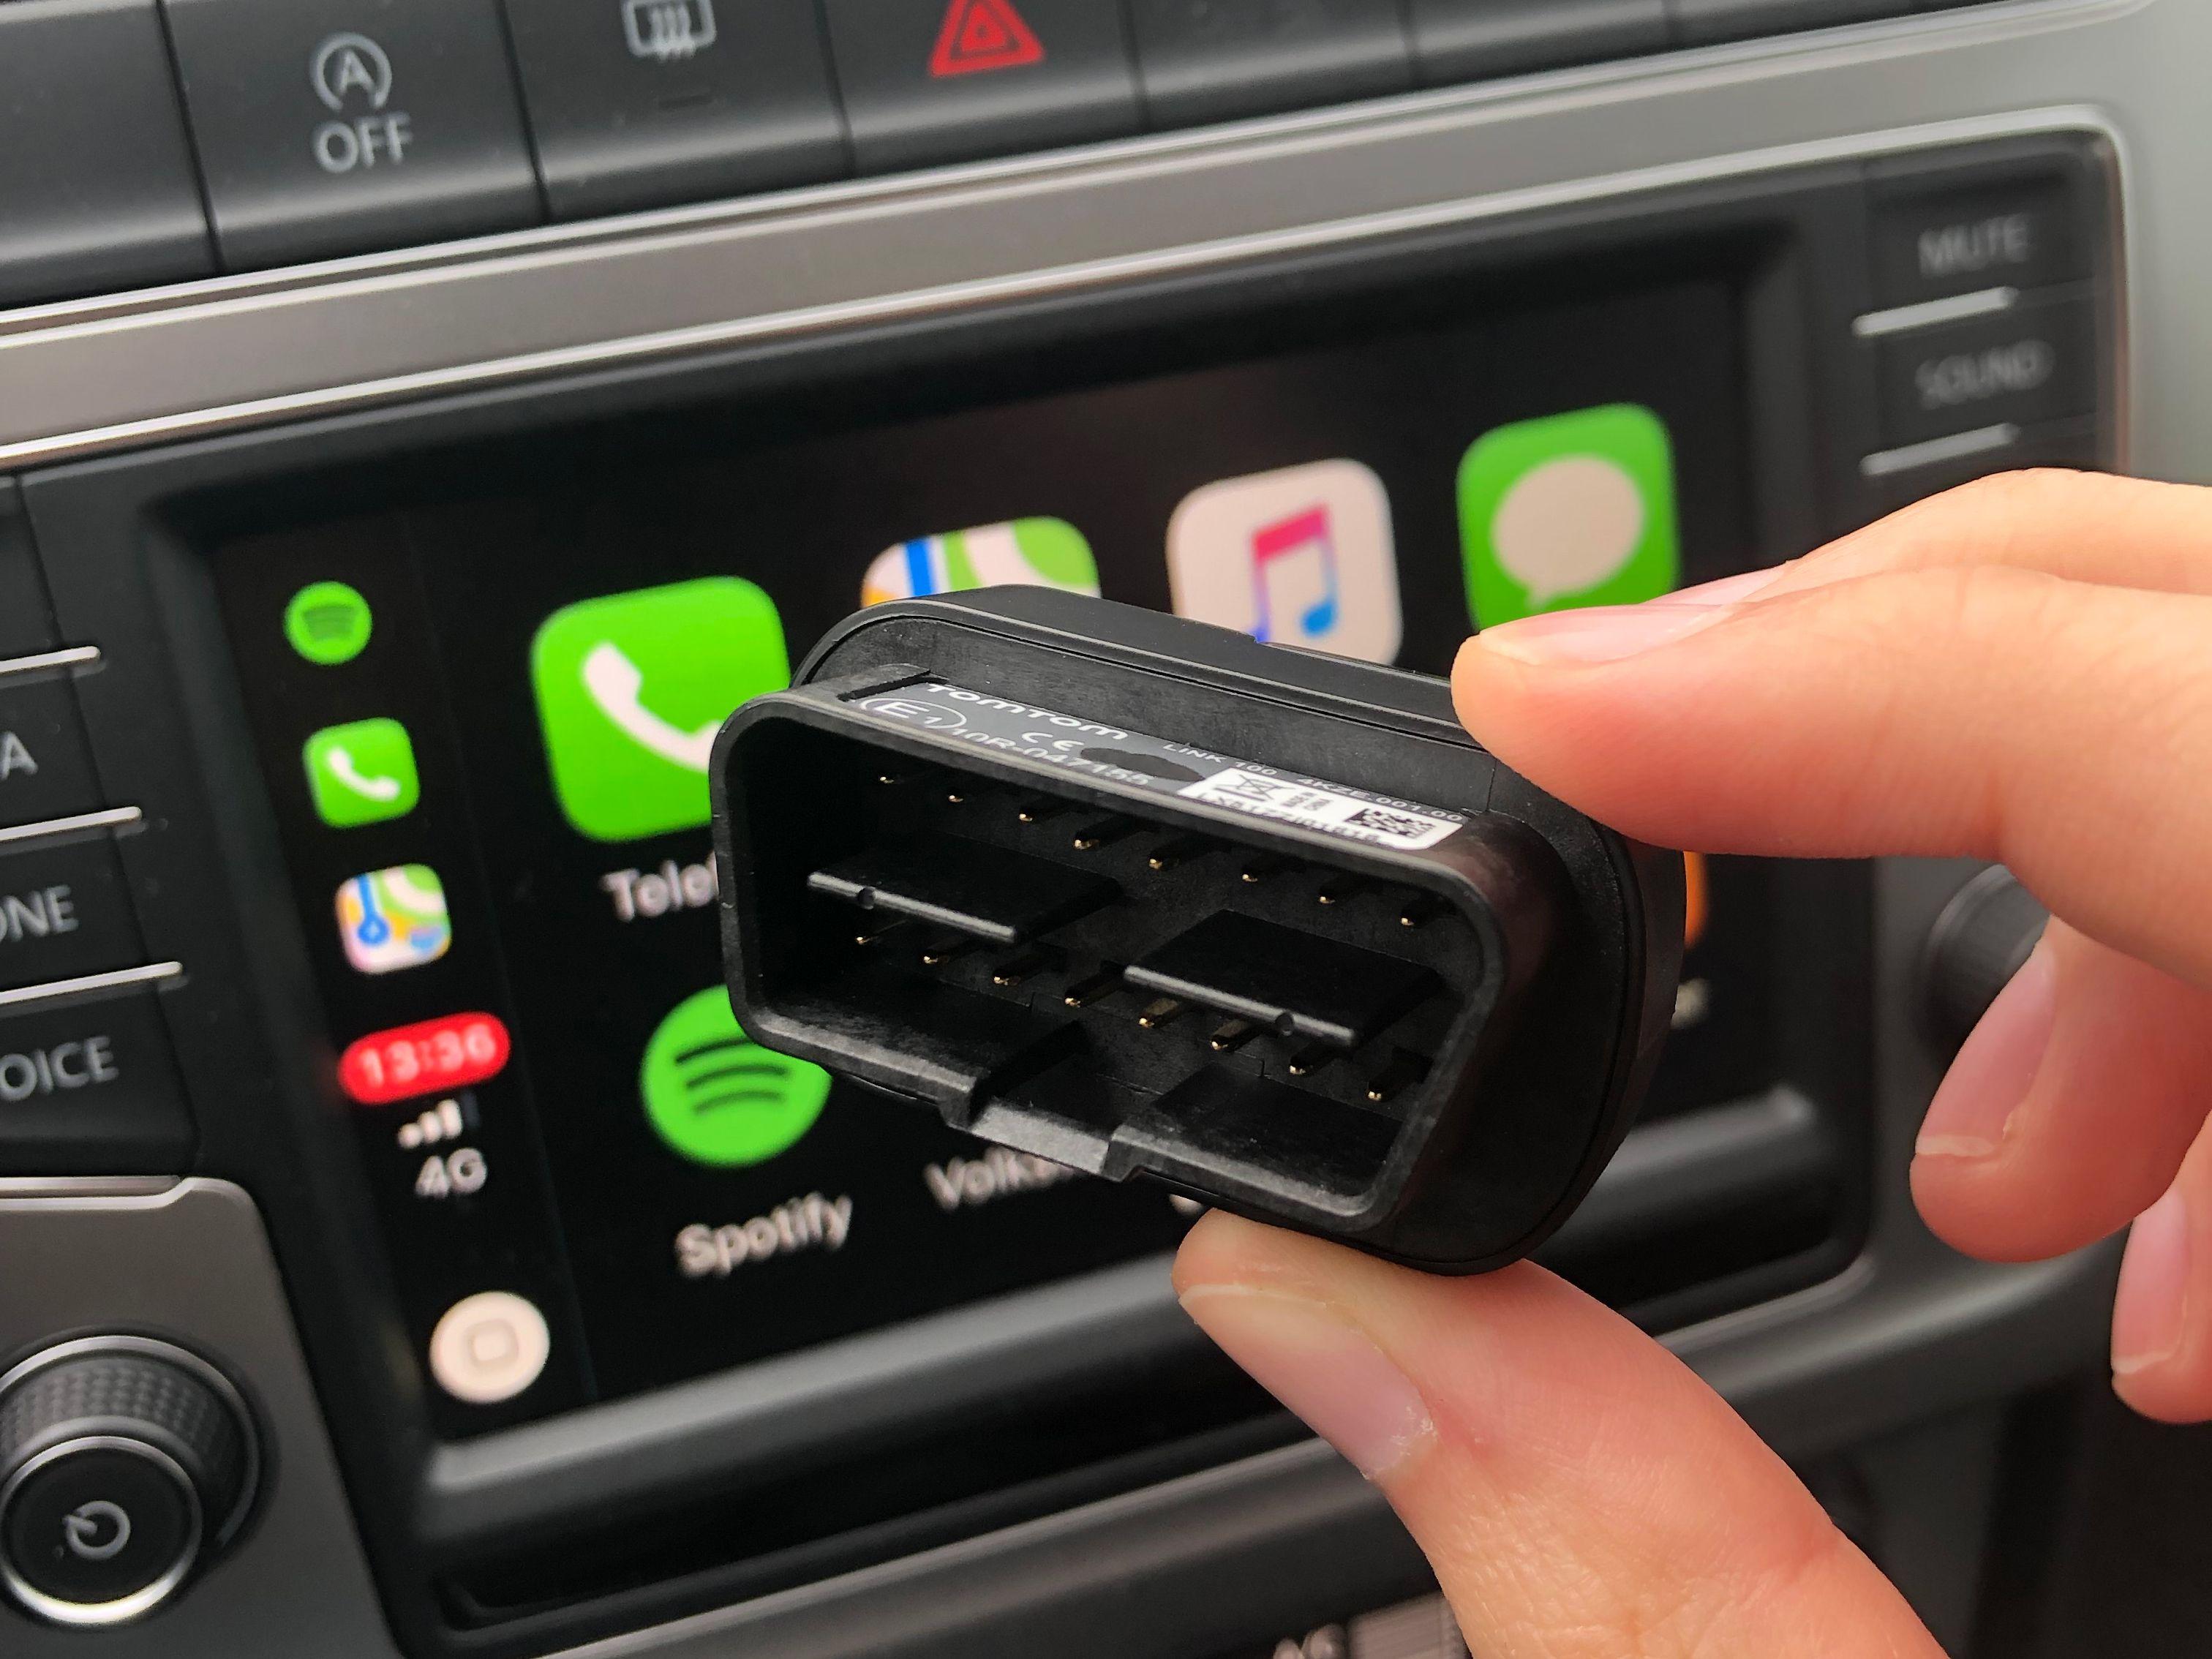 Smartpluggen kobles inn i diagnoseporten i bilen og kommuniserer med mobilen din via Spinn-appen på telefonen.